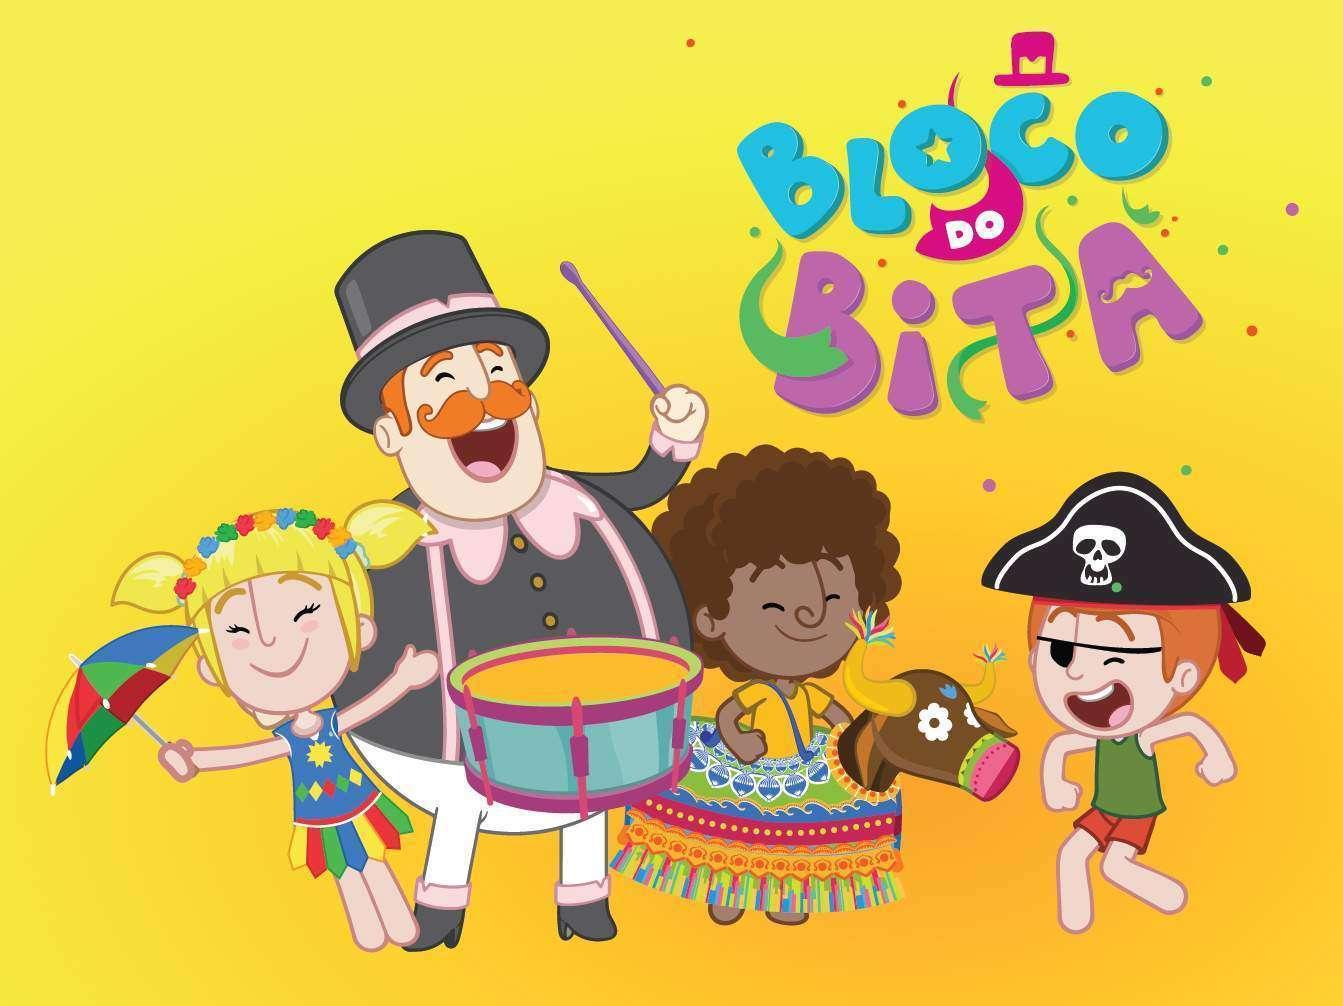 www.juicysantos.com.br - Bloco do Bita em Santos